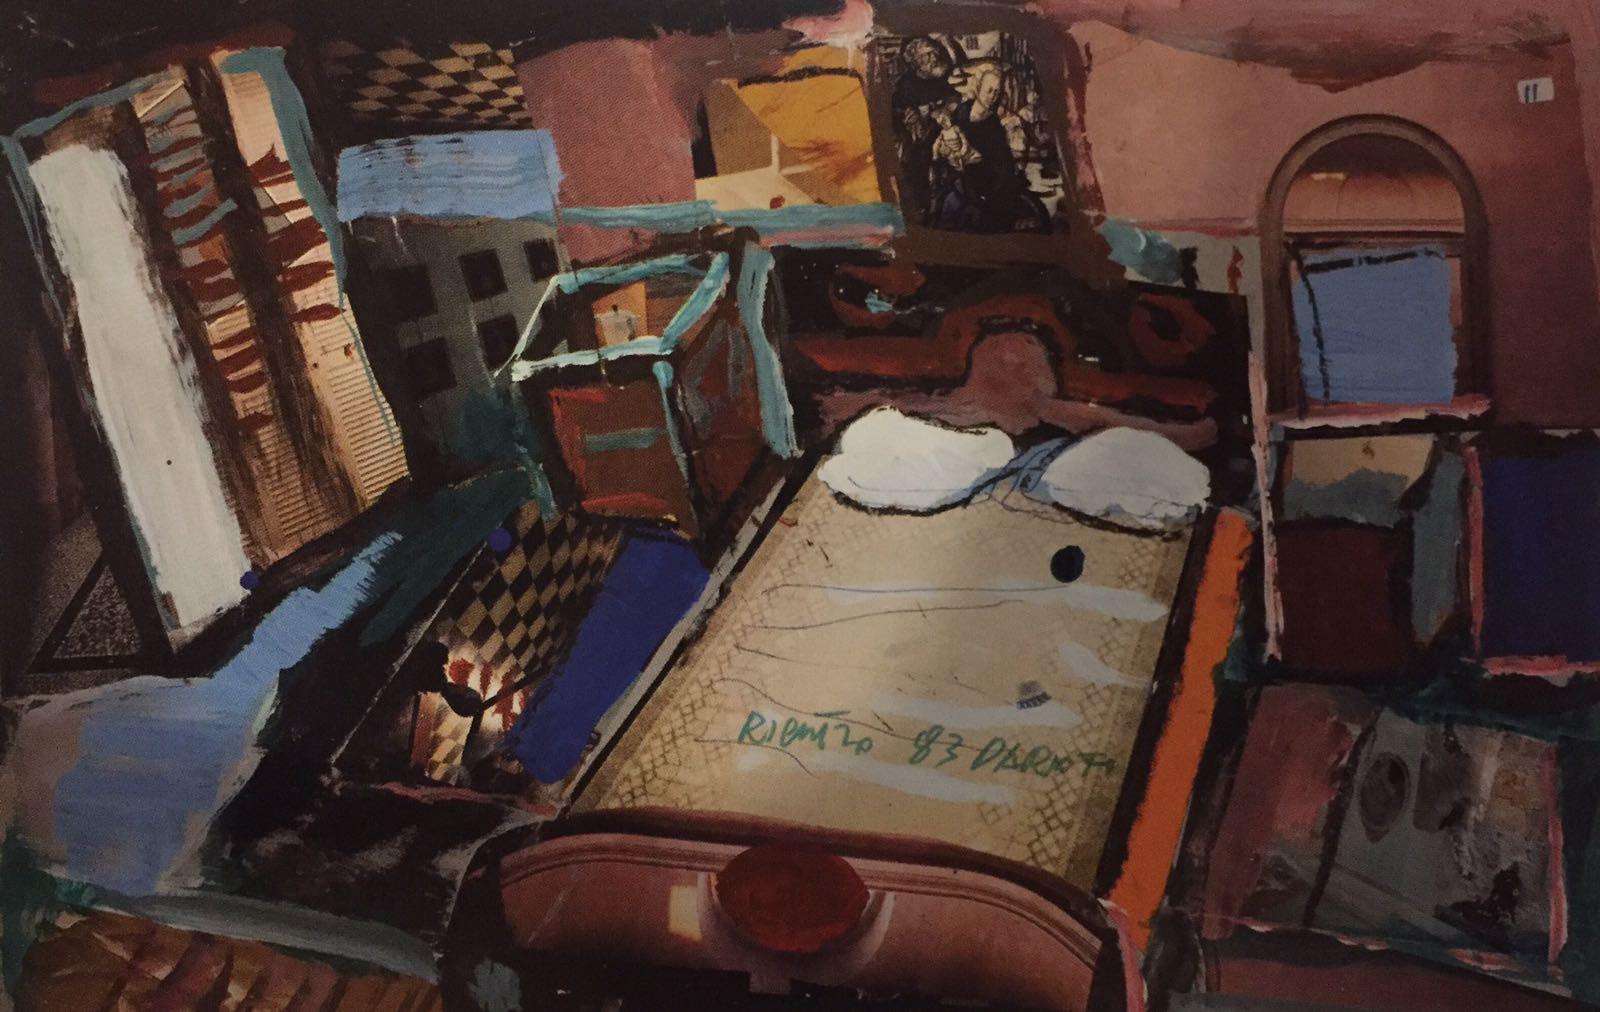 Disegno preparatorio in tecnica mista, pastelli e collage, per lo spettacolo Coppia aperta, quasi spalancata, 1983 ©Archivio Franca Rame-Dario Fo